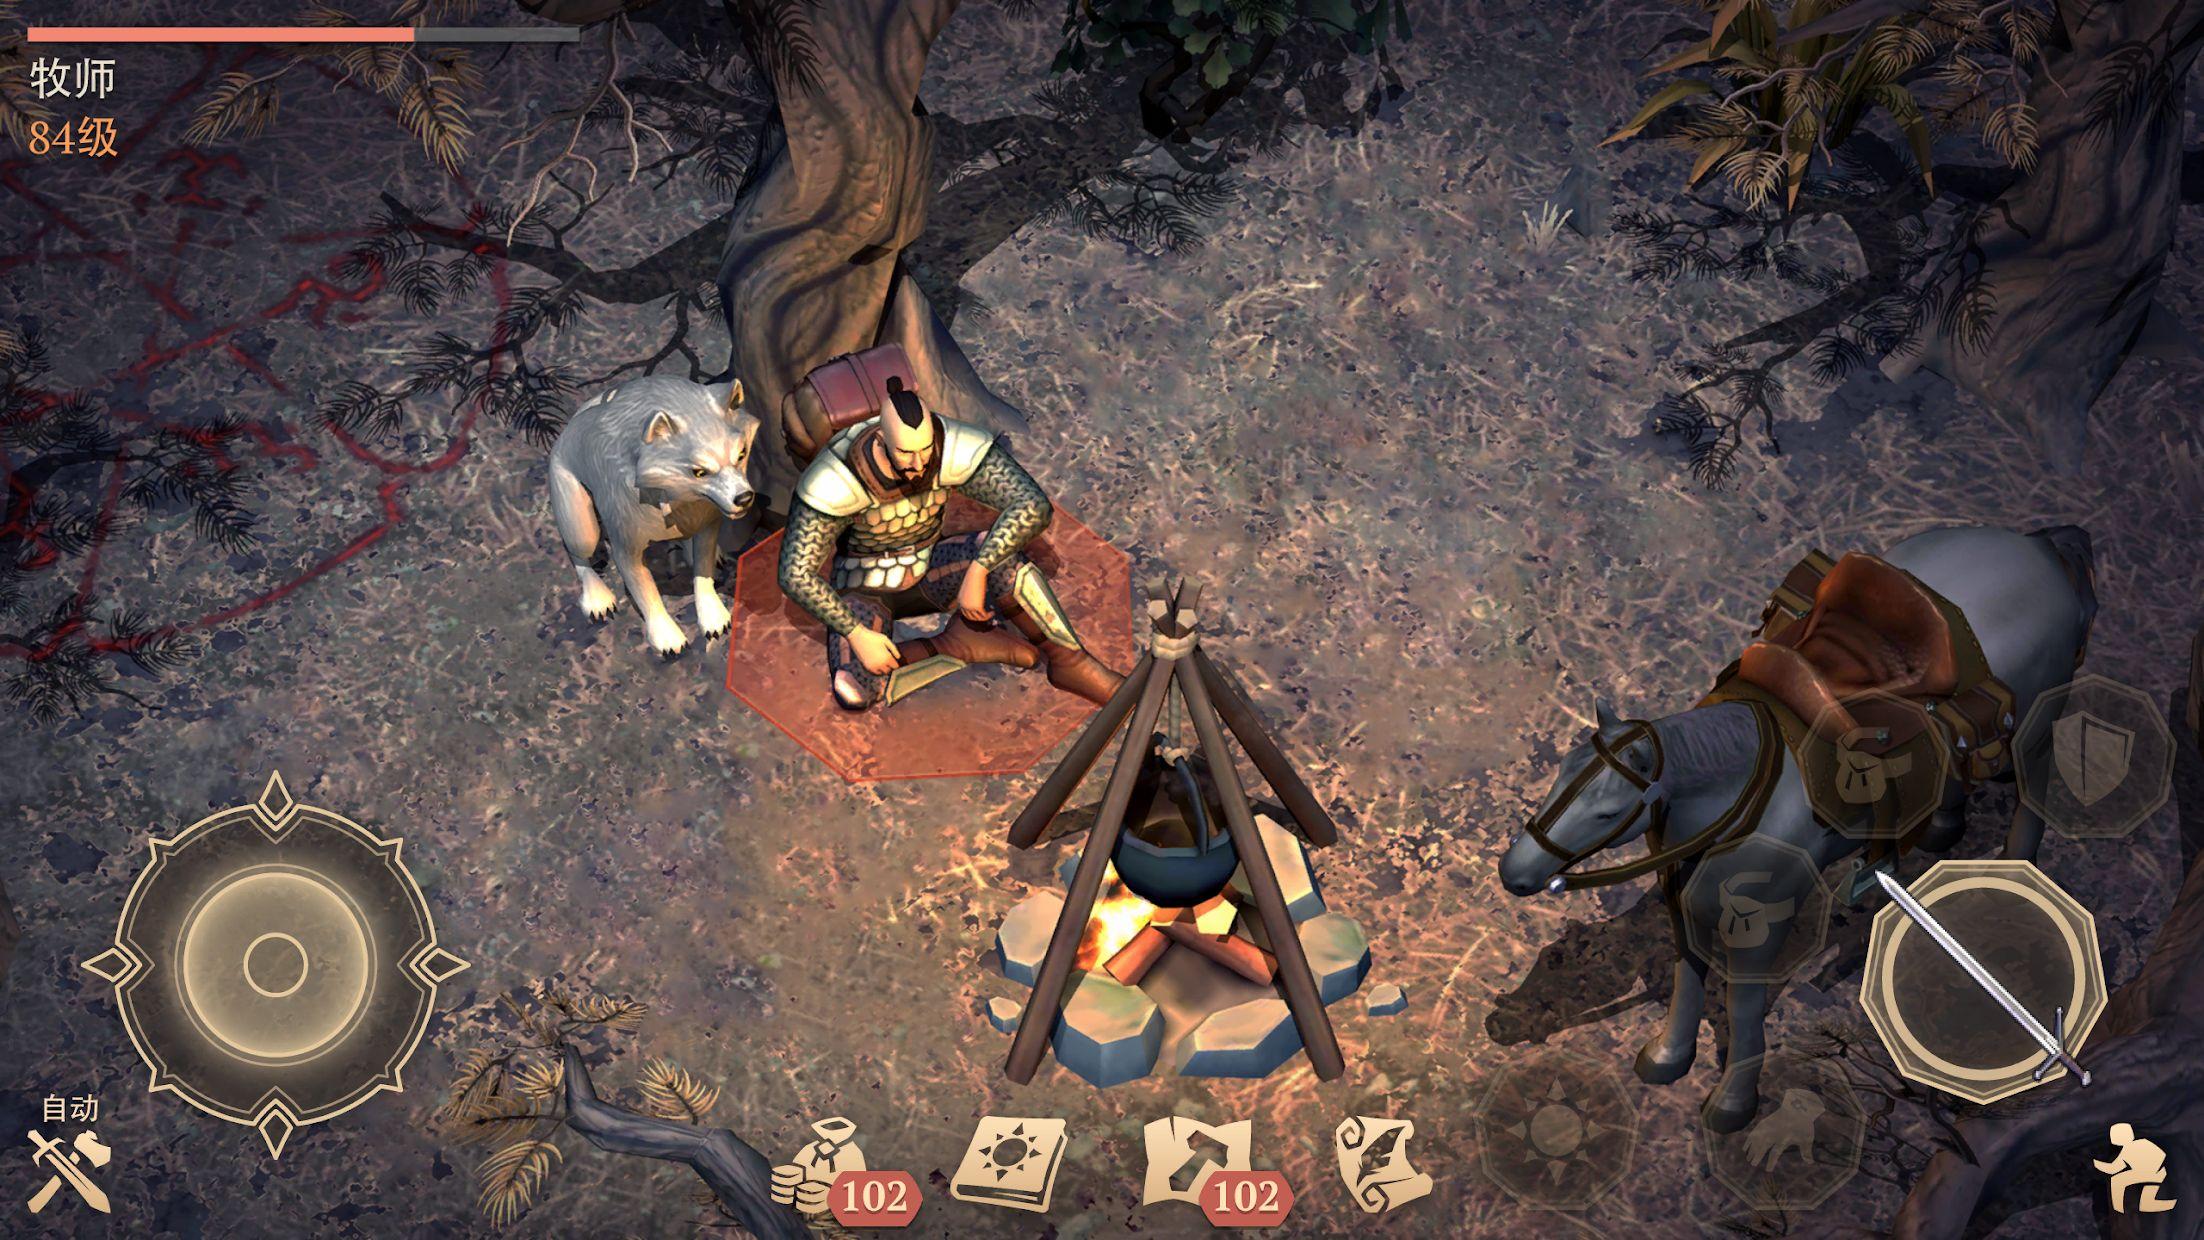 冷酷灵魂:黑暗幻想生存游戏 游戏截图3